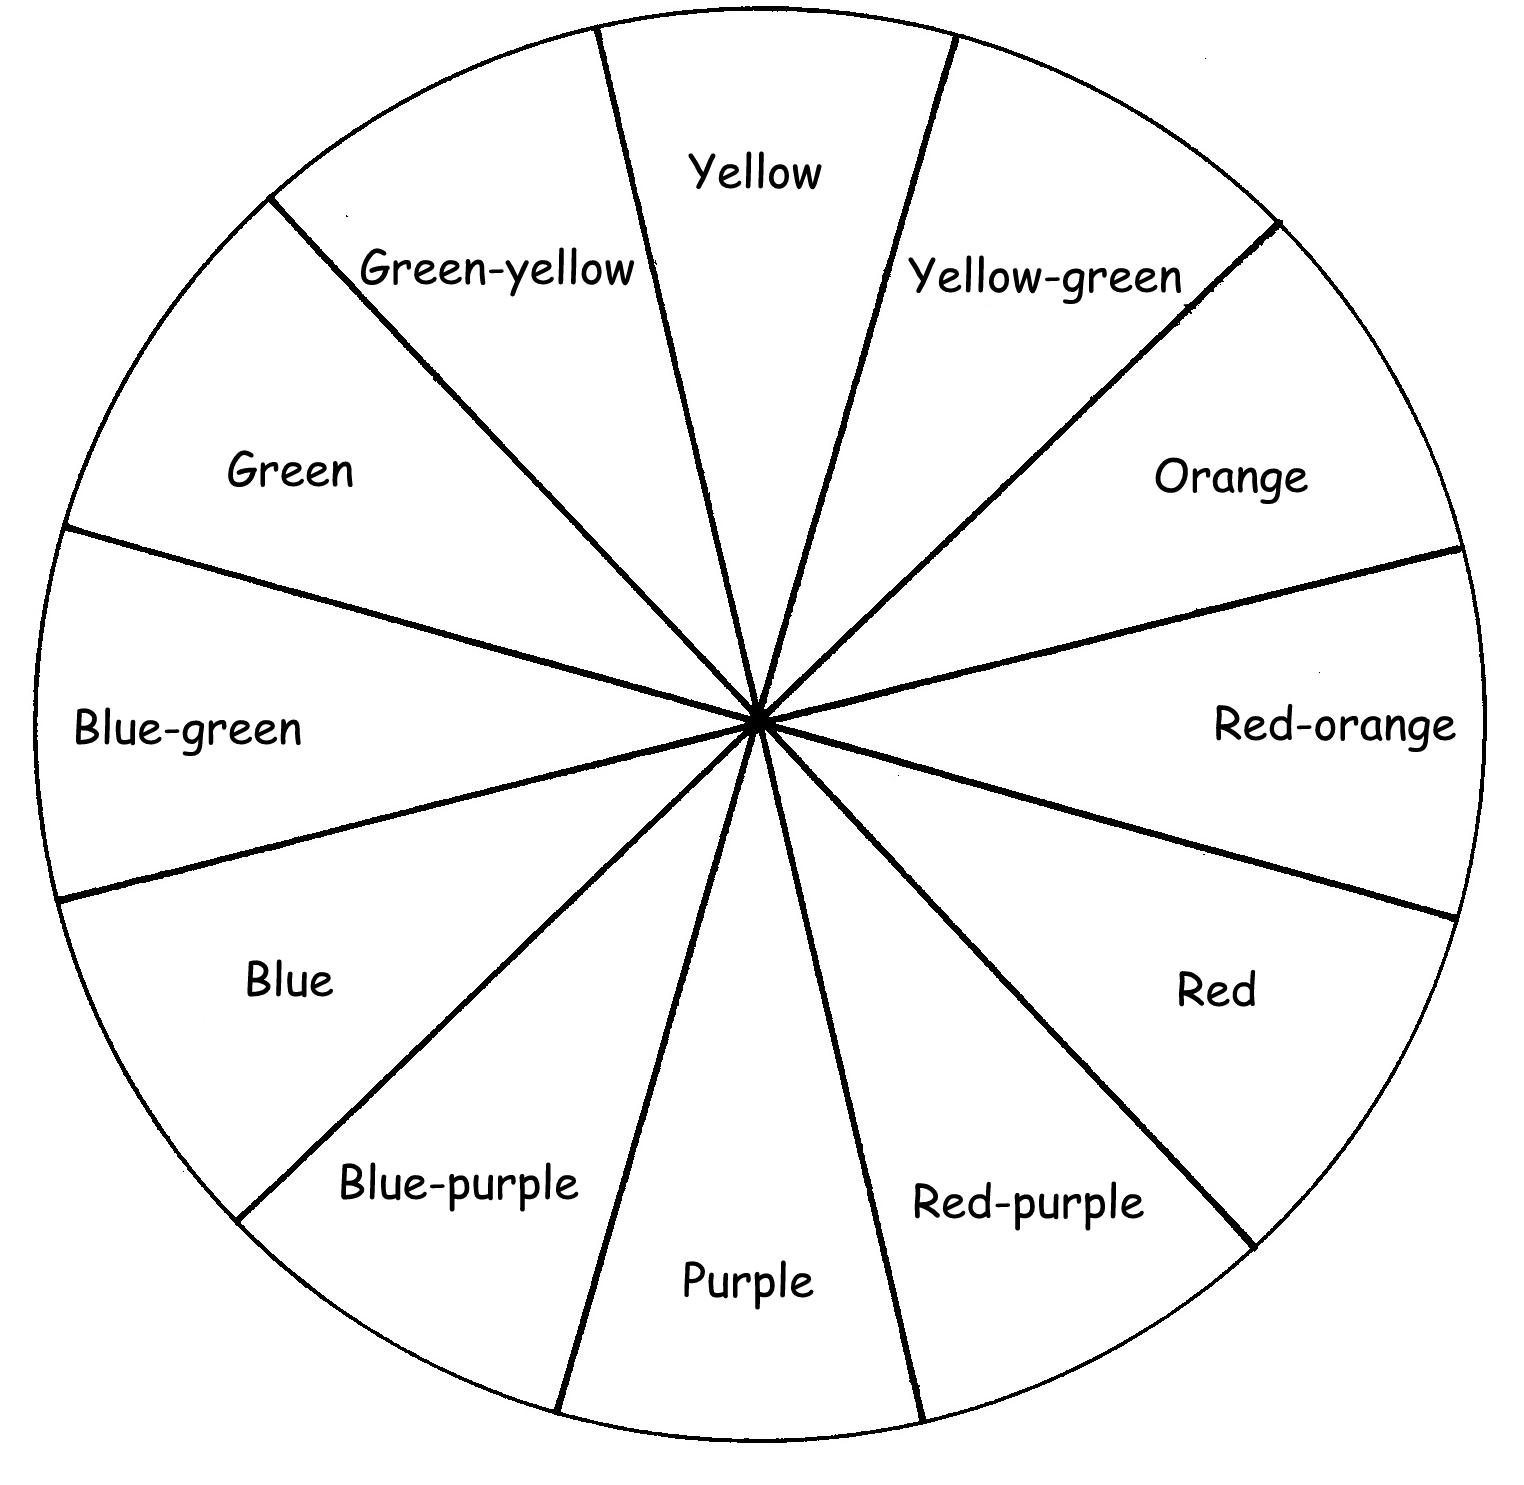 Blank Color Wheel Worksheet in 2020 Color wheel